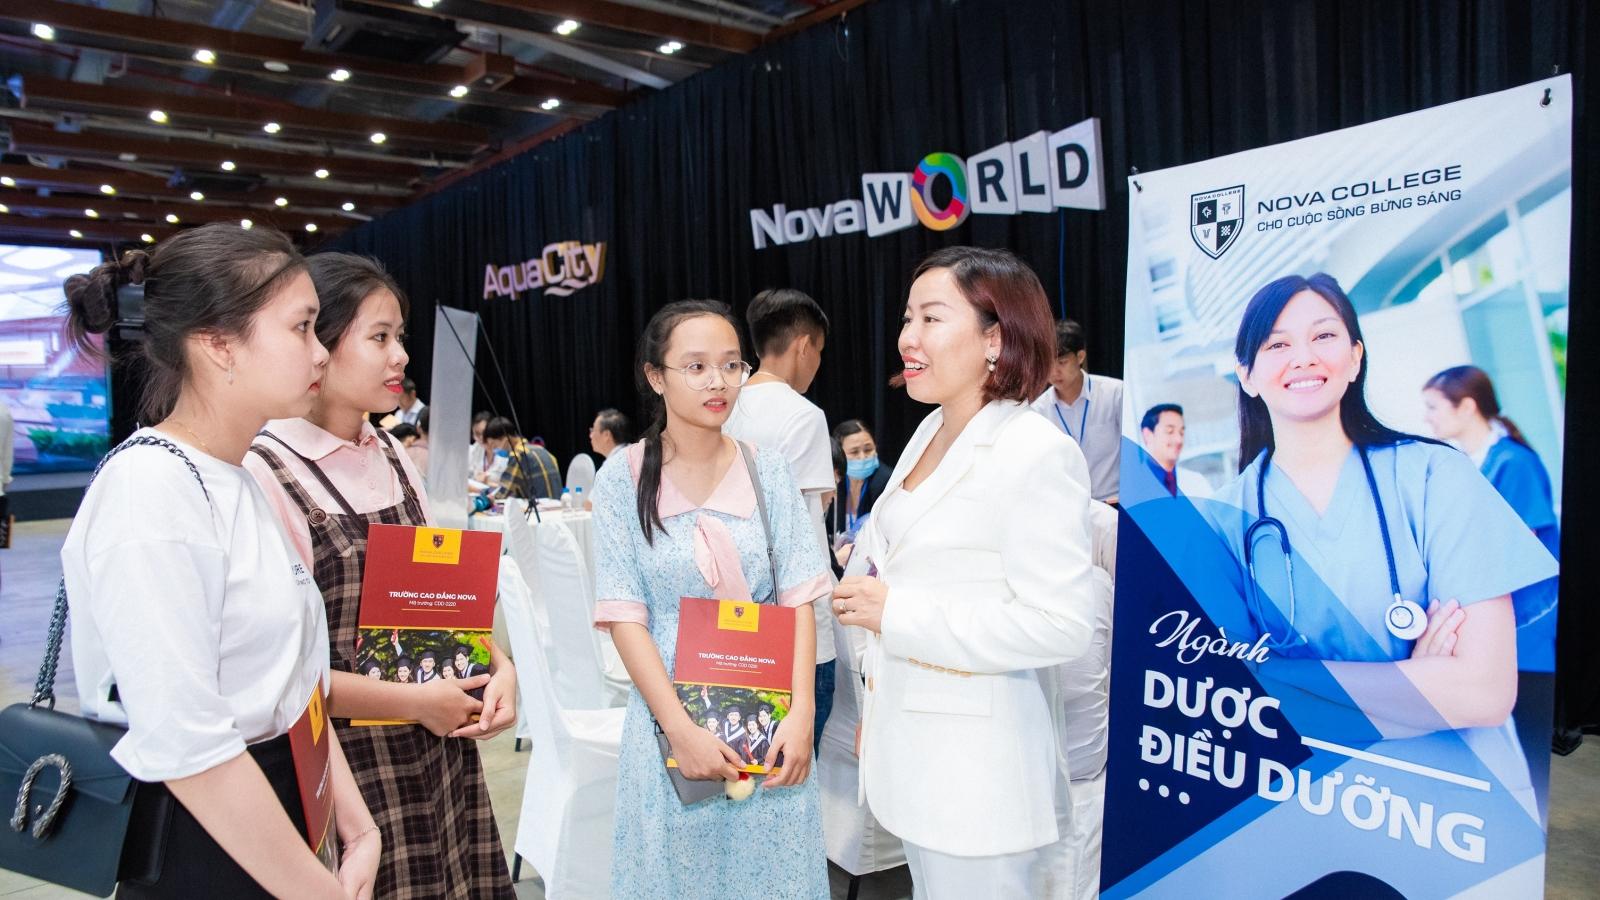 Cao đẳng Nova thúc đẩy hợp tác trong nước và quốc tế, nâng tầm chất lượng đào tạo